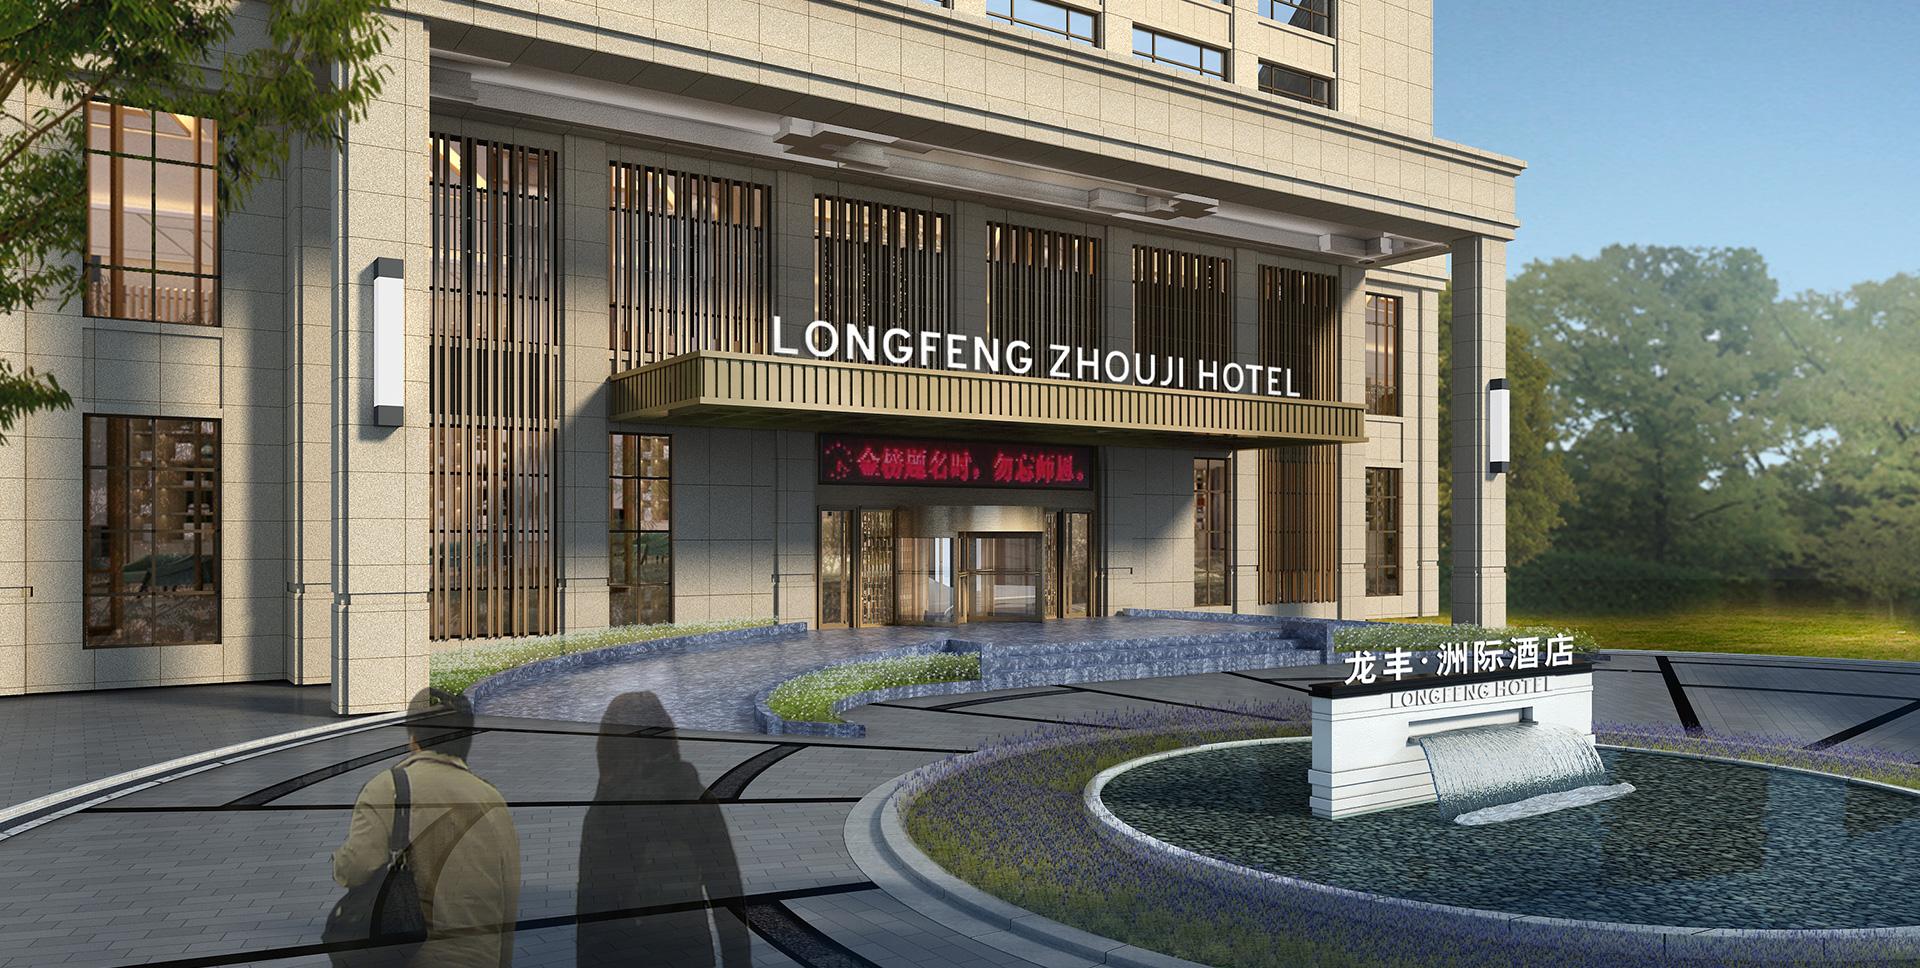 浙江丽水龙泉市龙丰大酒店成功上线杭州明软酒店管理系统